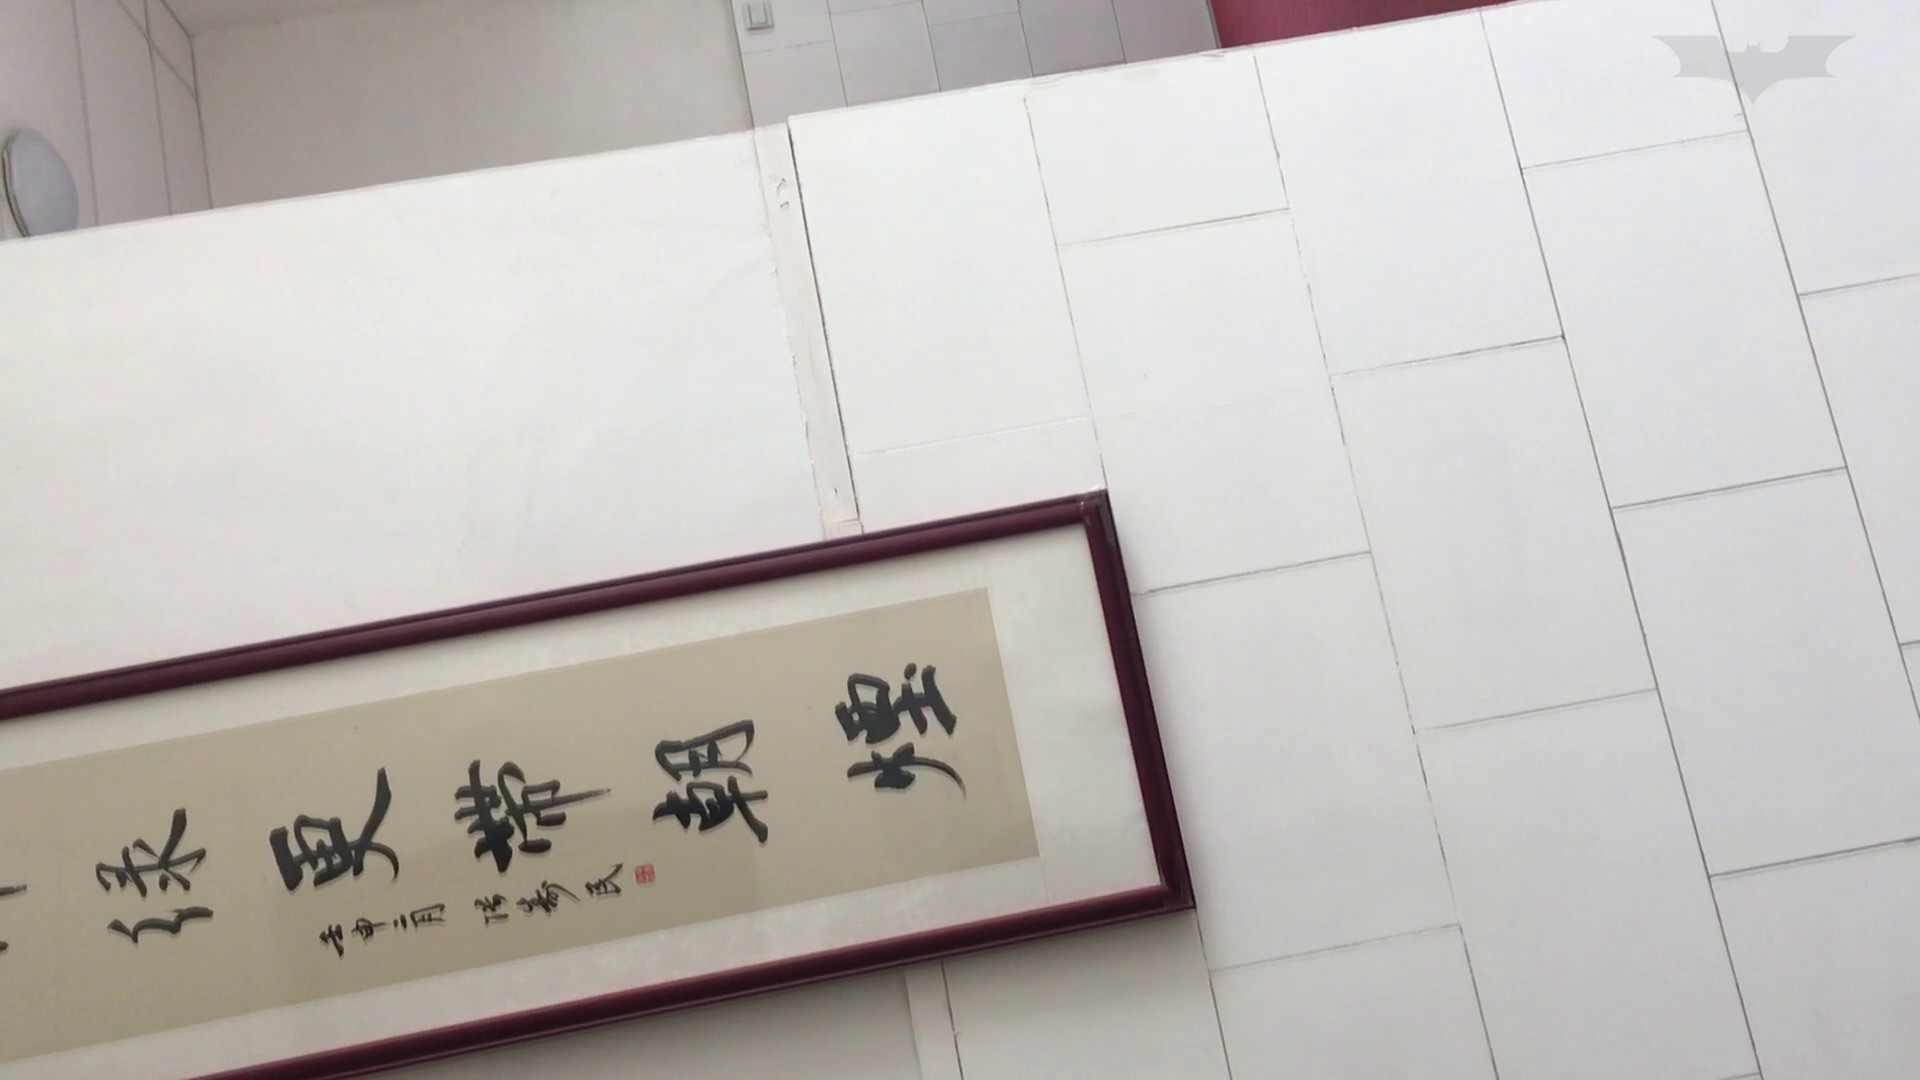 芸術大学ガチ潜入盗sati JD盗撮 美女の洗面所の秘密 Vol.95 丸見え | マンコ  100画像 79